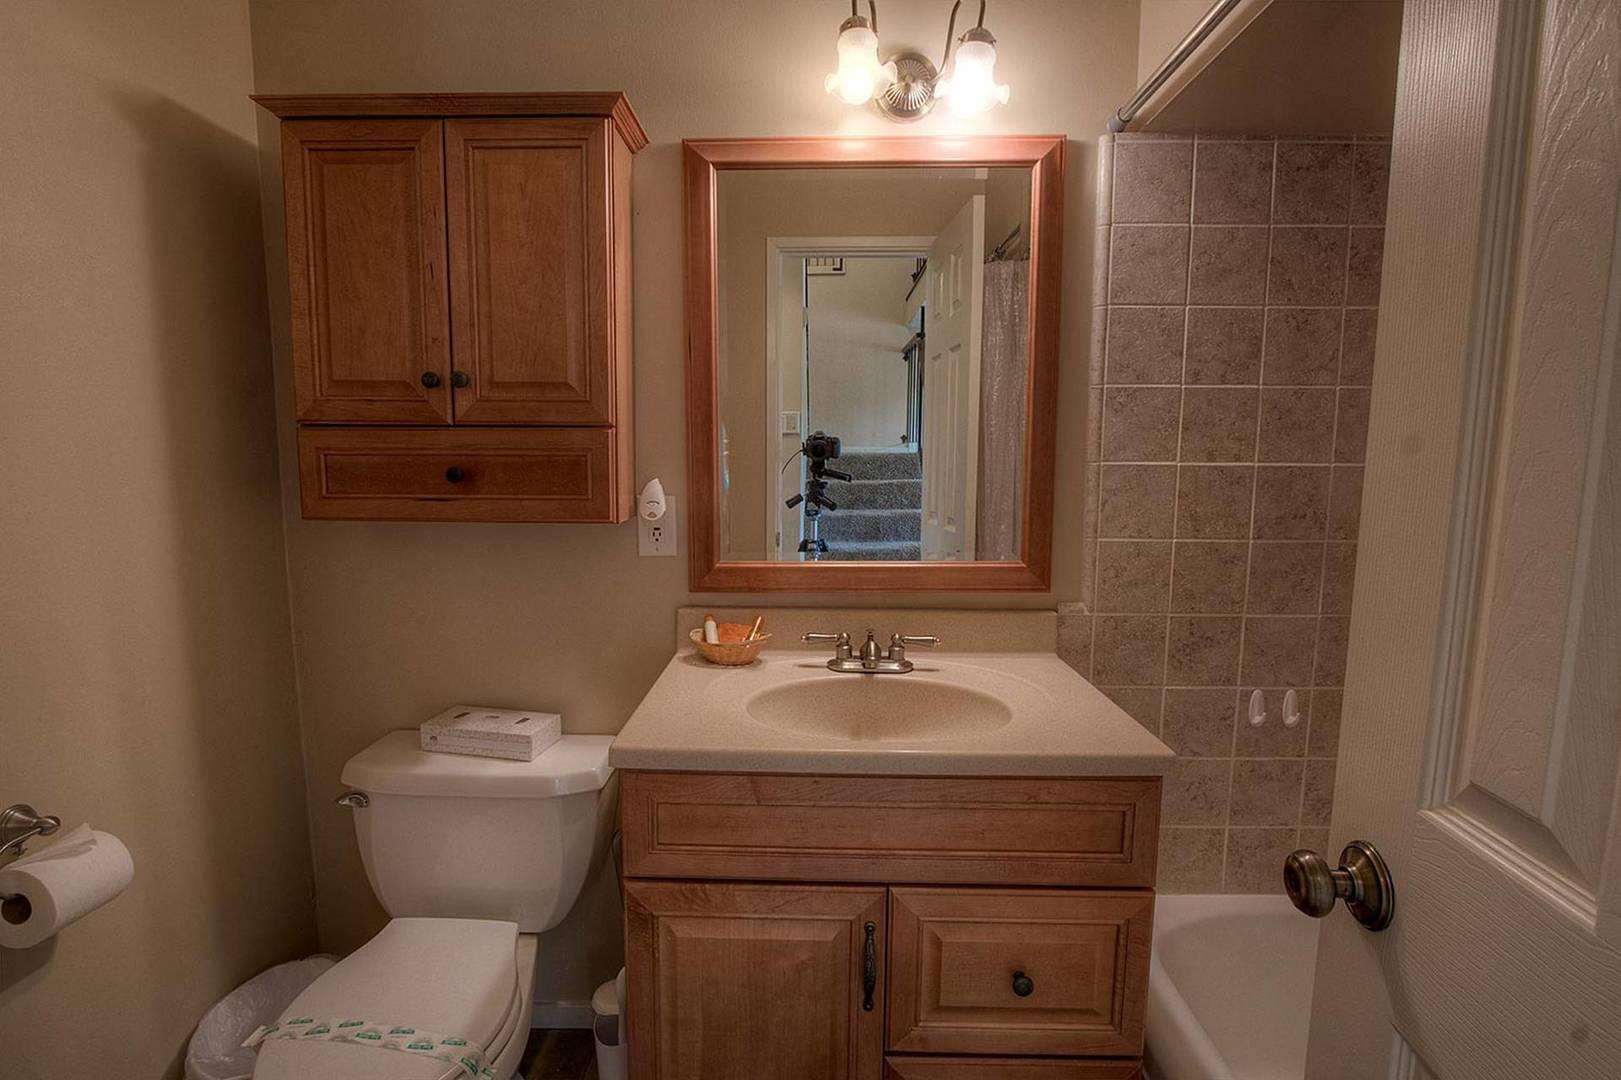 cyh1046 bathroom